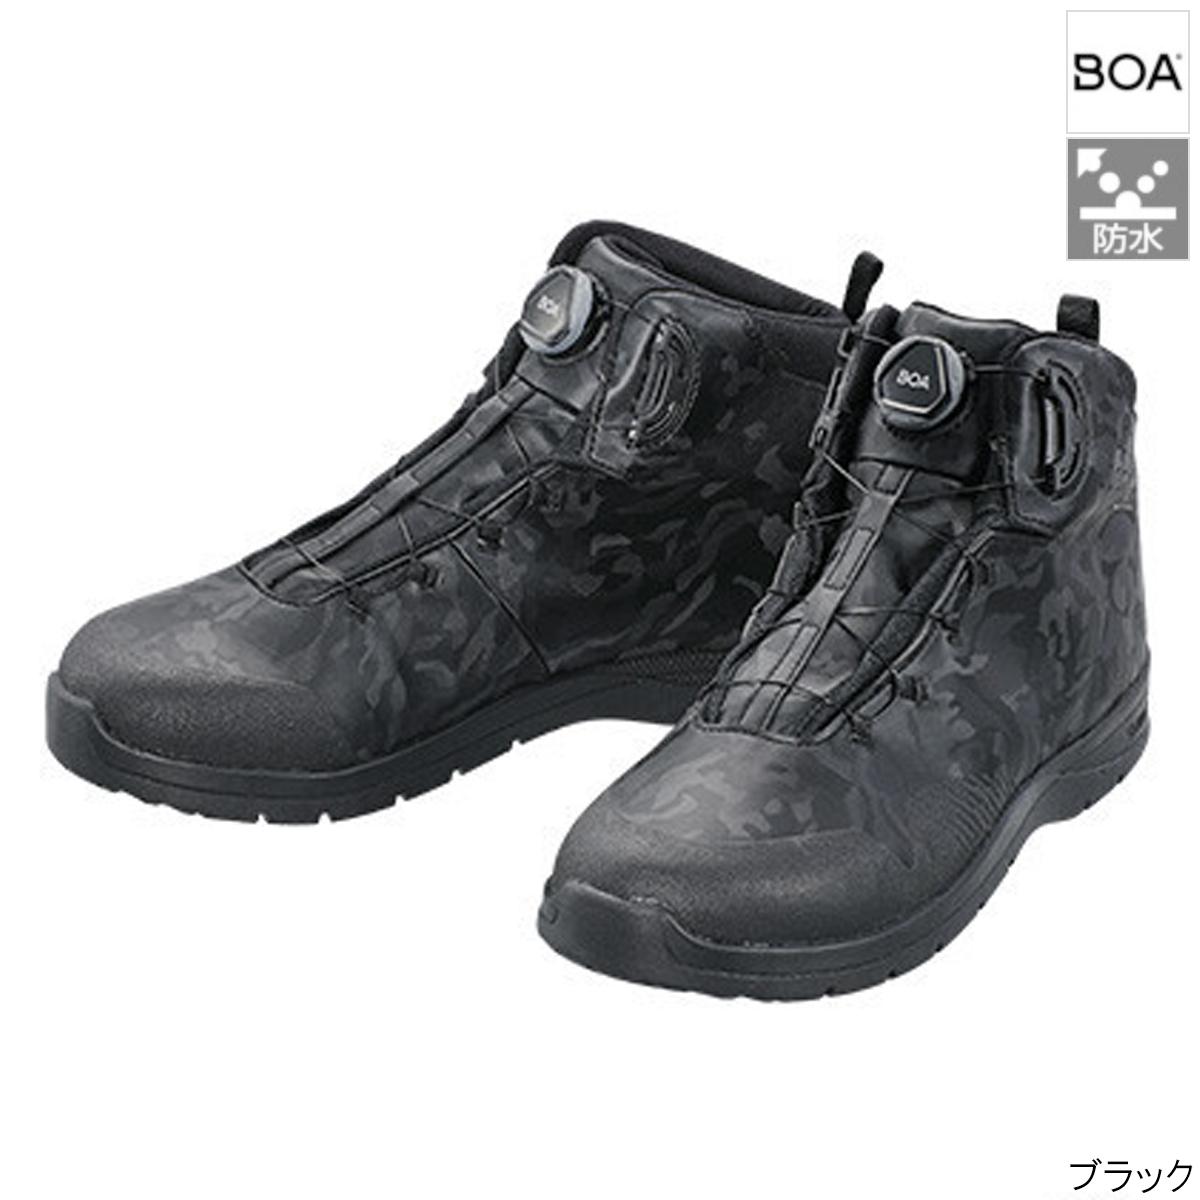 【8日最大8千円オフクーポン!】シマノ ボートフィットシューズ HW FH-036T 25.5cm ブラック